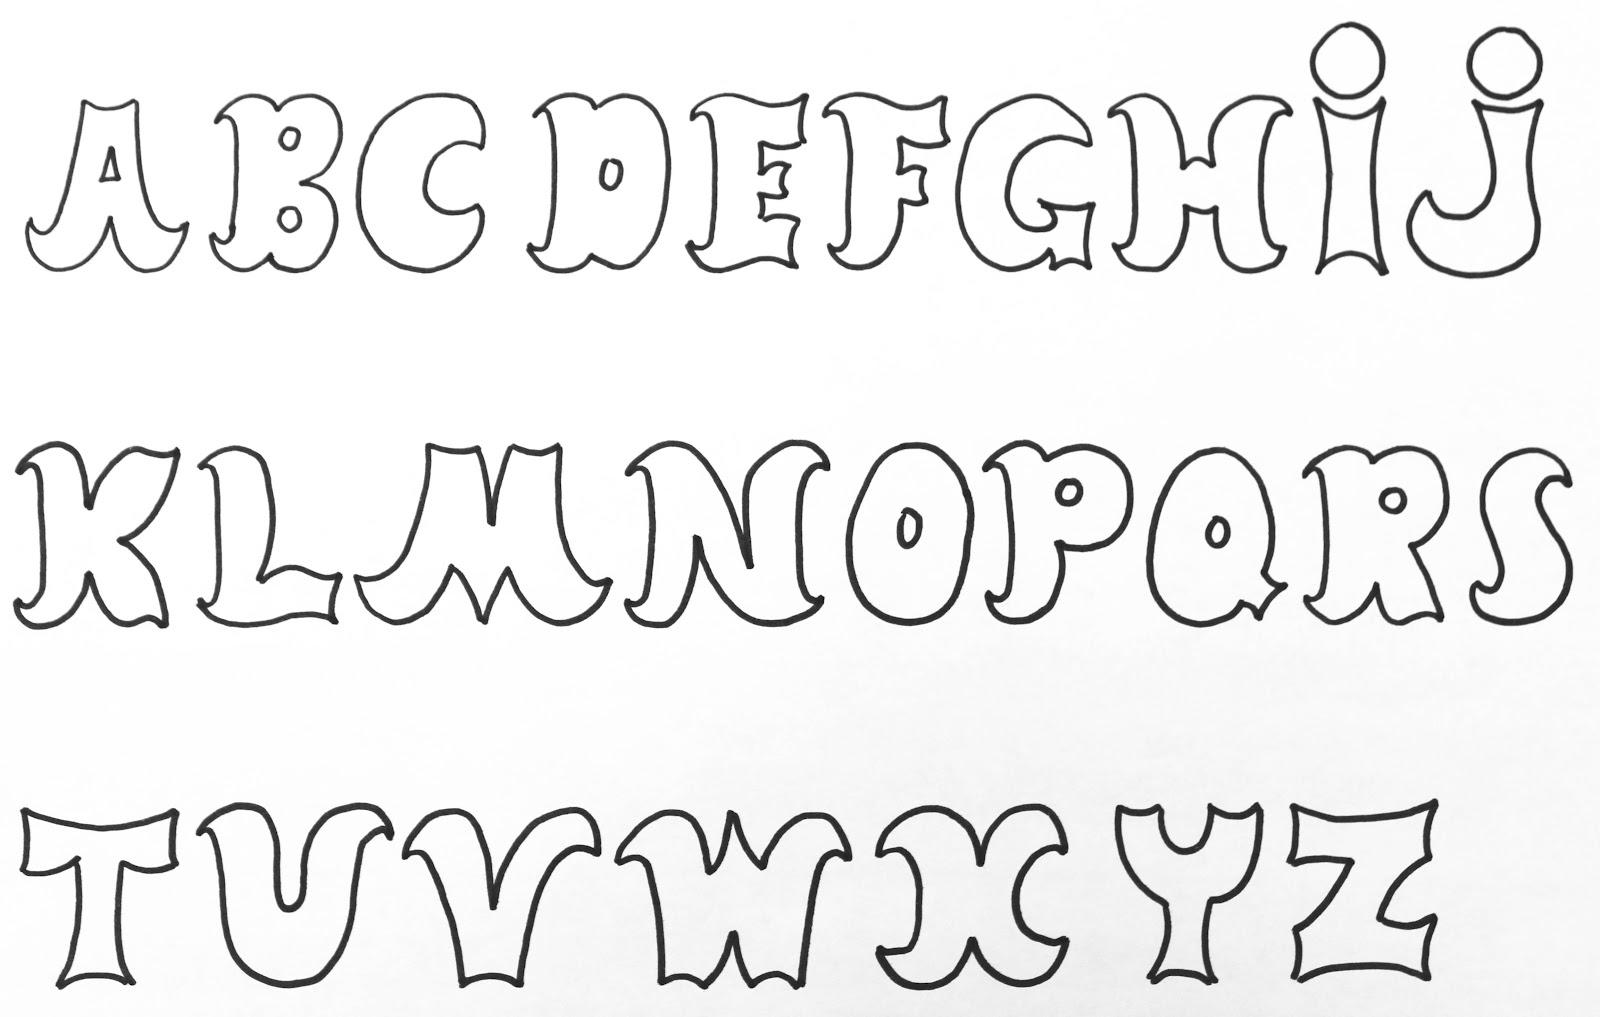 Iets Nieuws Sierlijke Lettertypes Maken &VL83 – Aboriginaltourismontario #BQ12